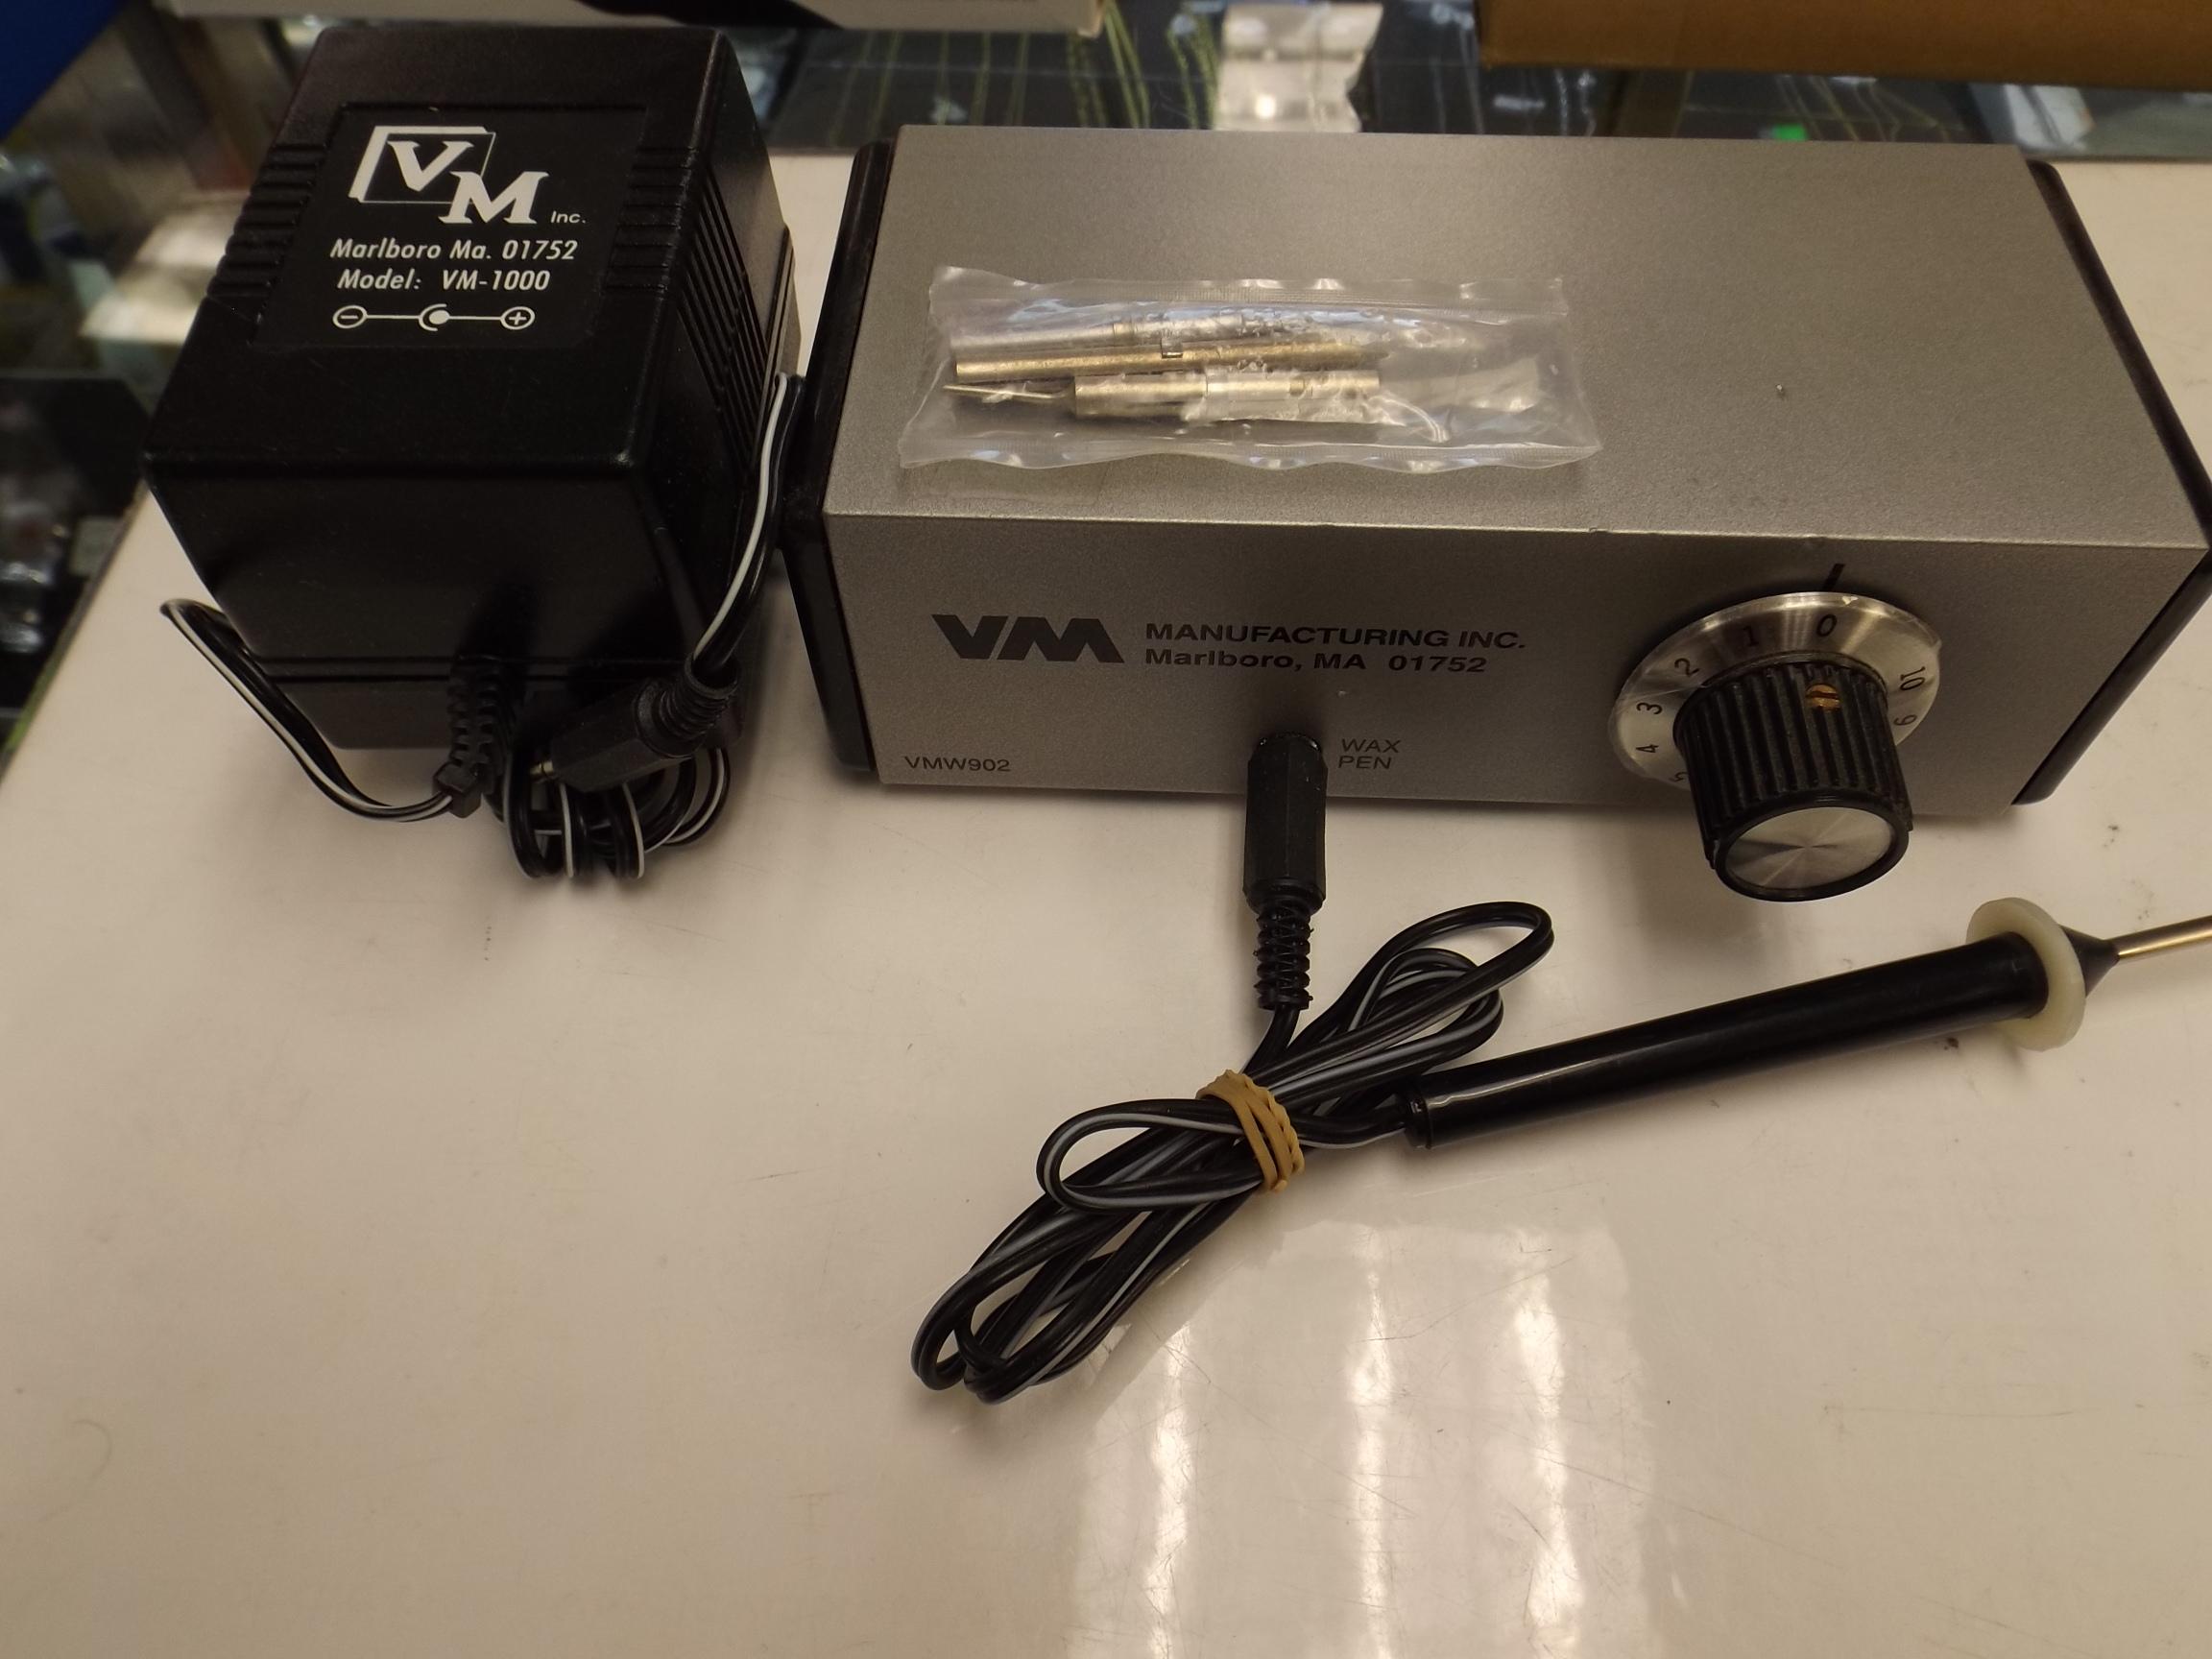 CA9012 VM Wax Machine-- One Only!